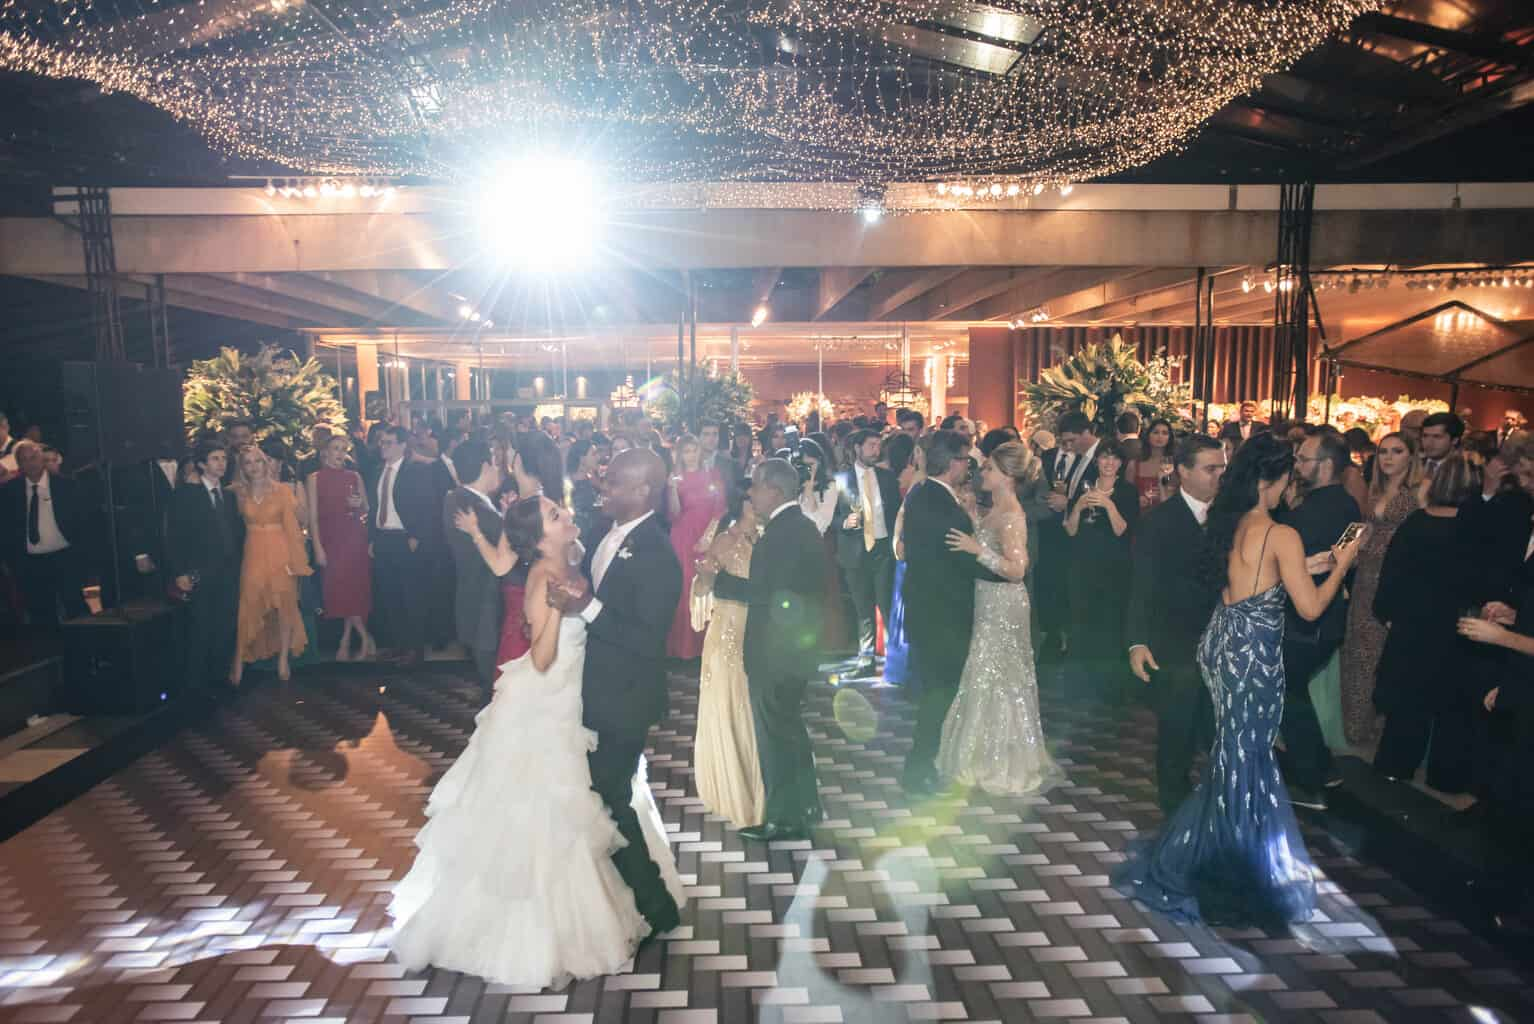 casamento-Karynna-e-Fernando-cerimonial-TCD-Eventos-festa-no-MAM-fotografia-Marina-Fava-pista128